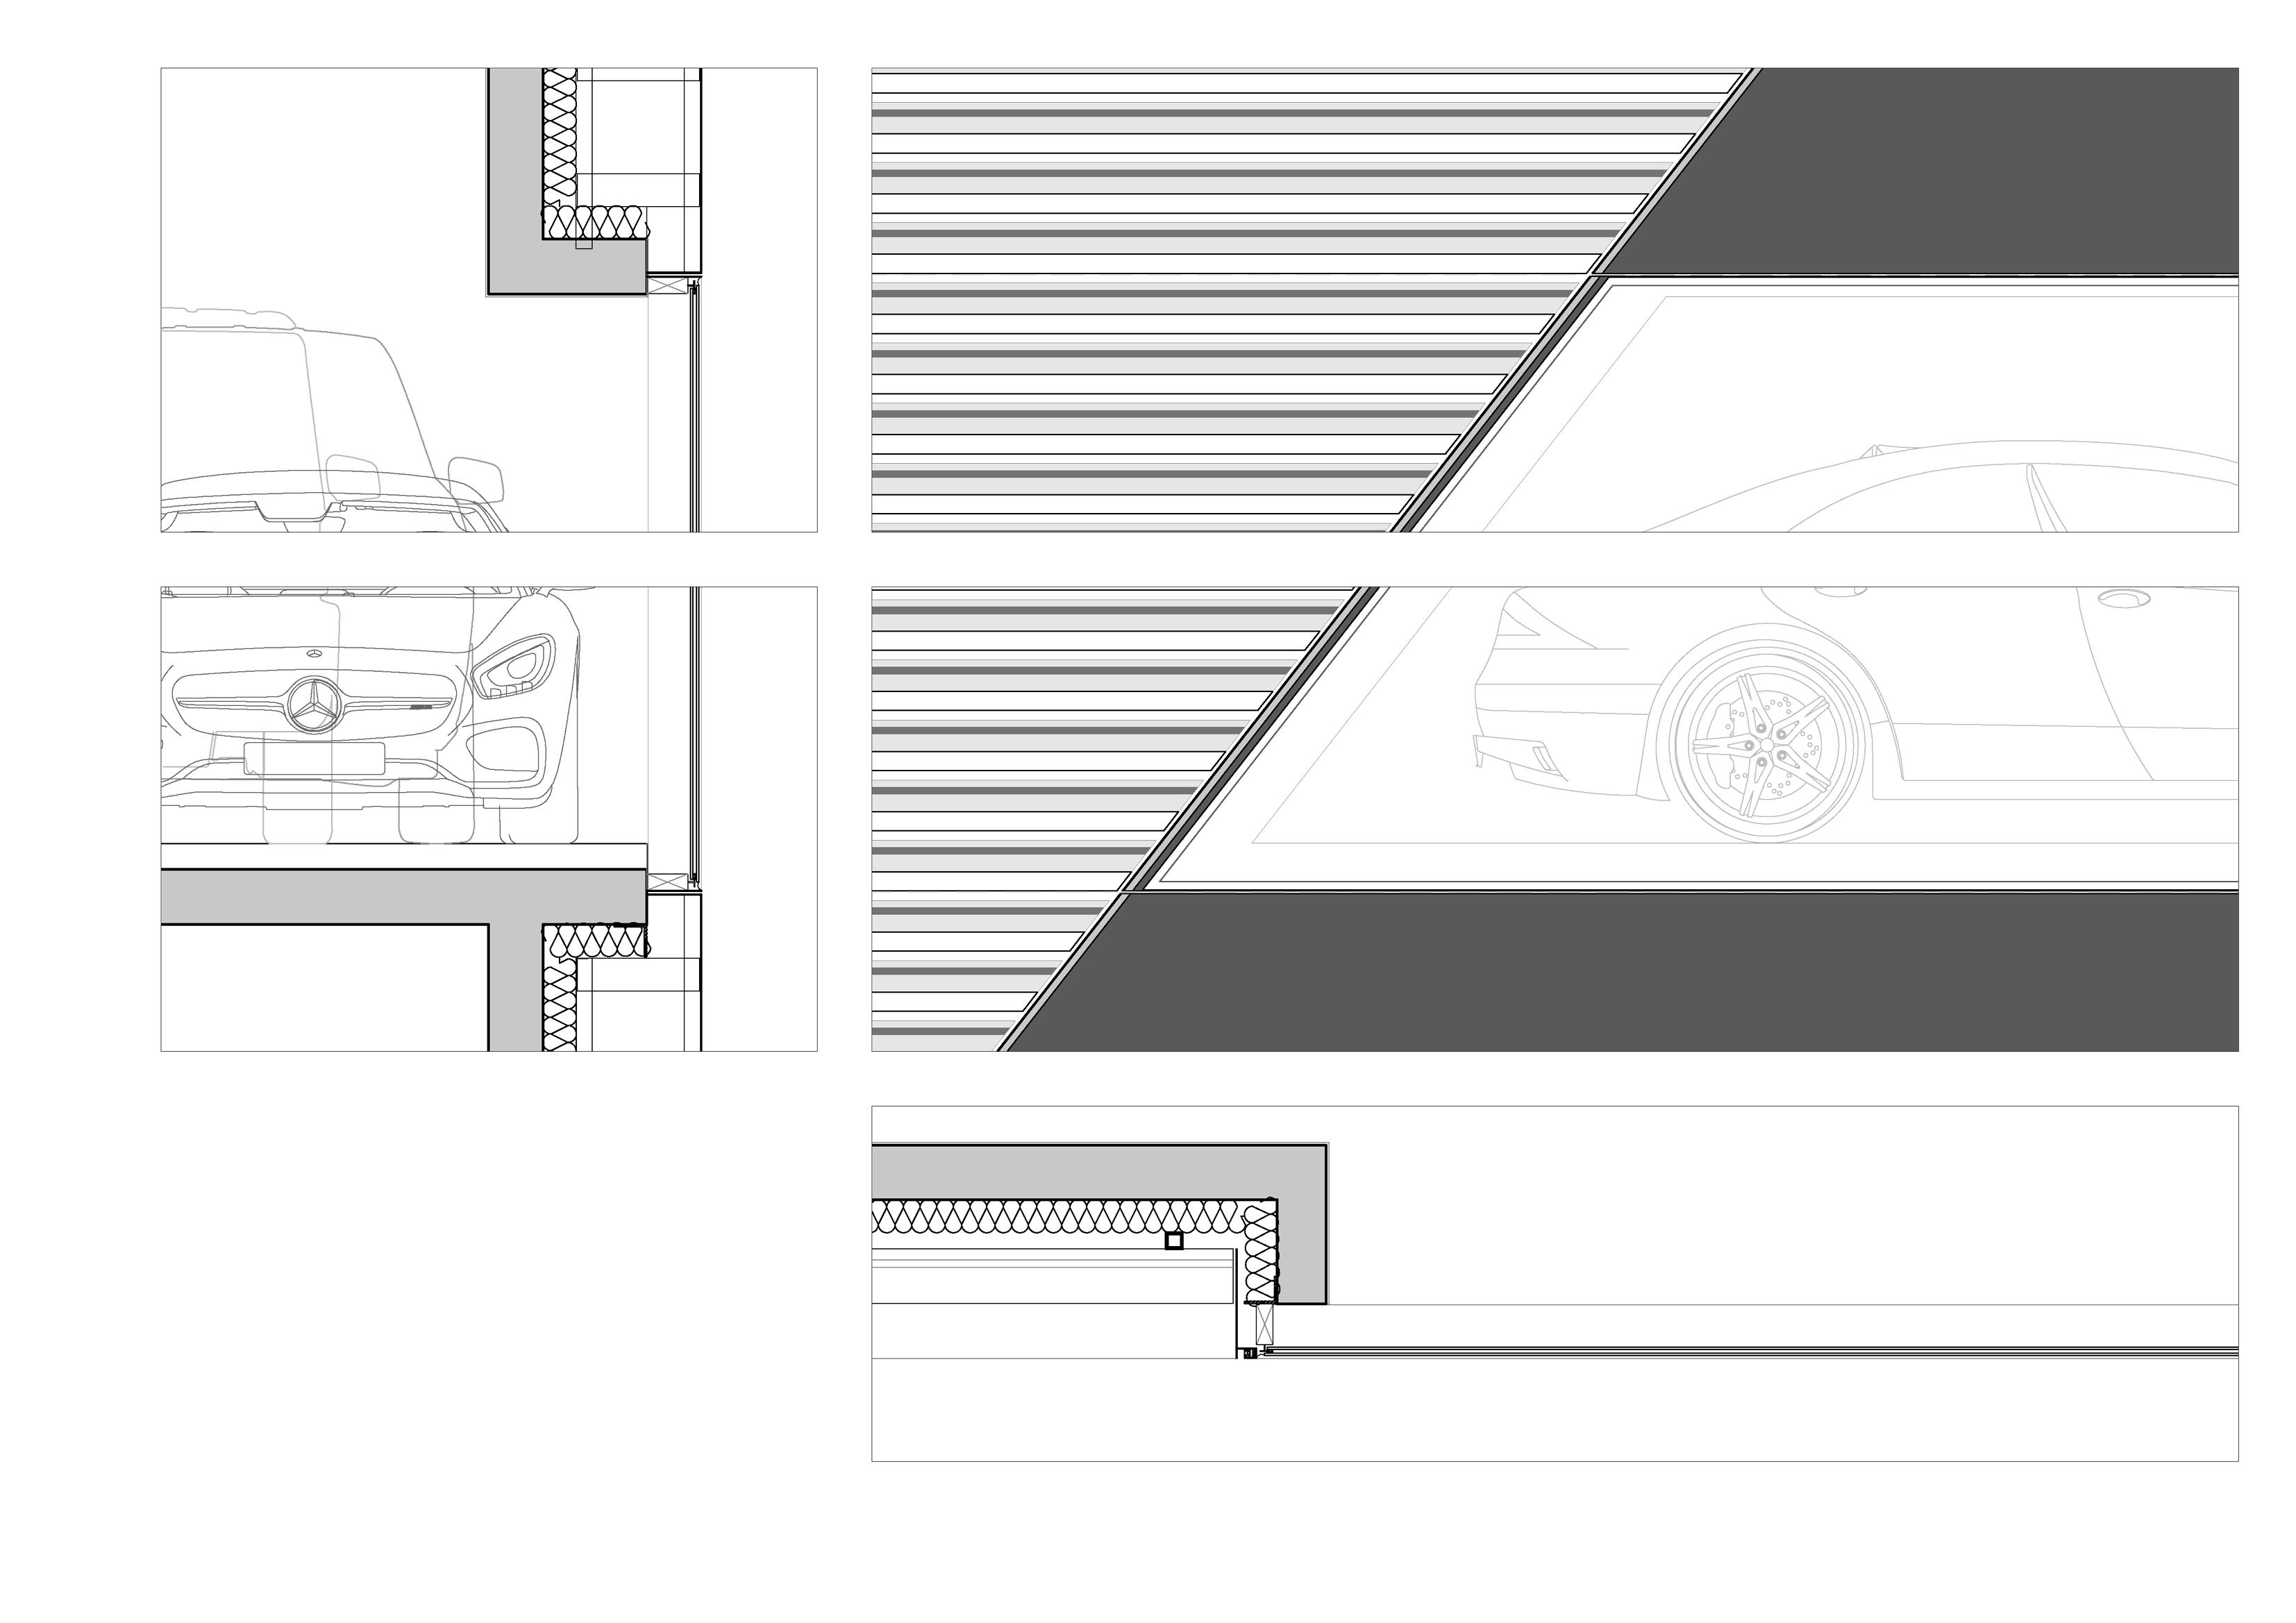 AMG Brand Center Sydney Gellink + Schwämmlein Architekten}